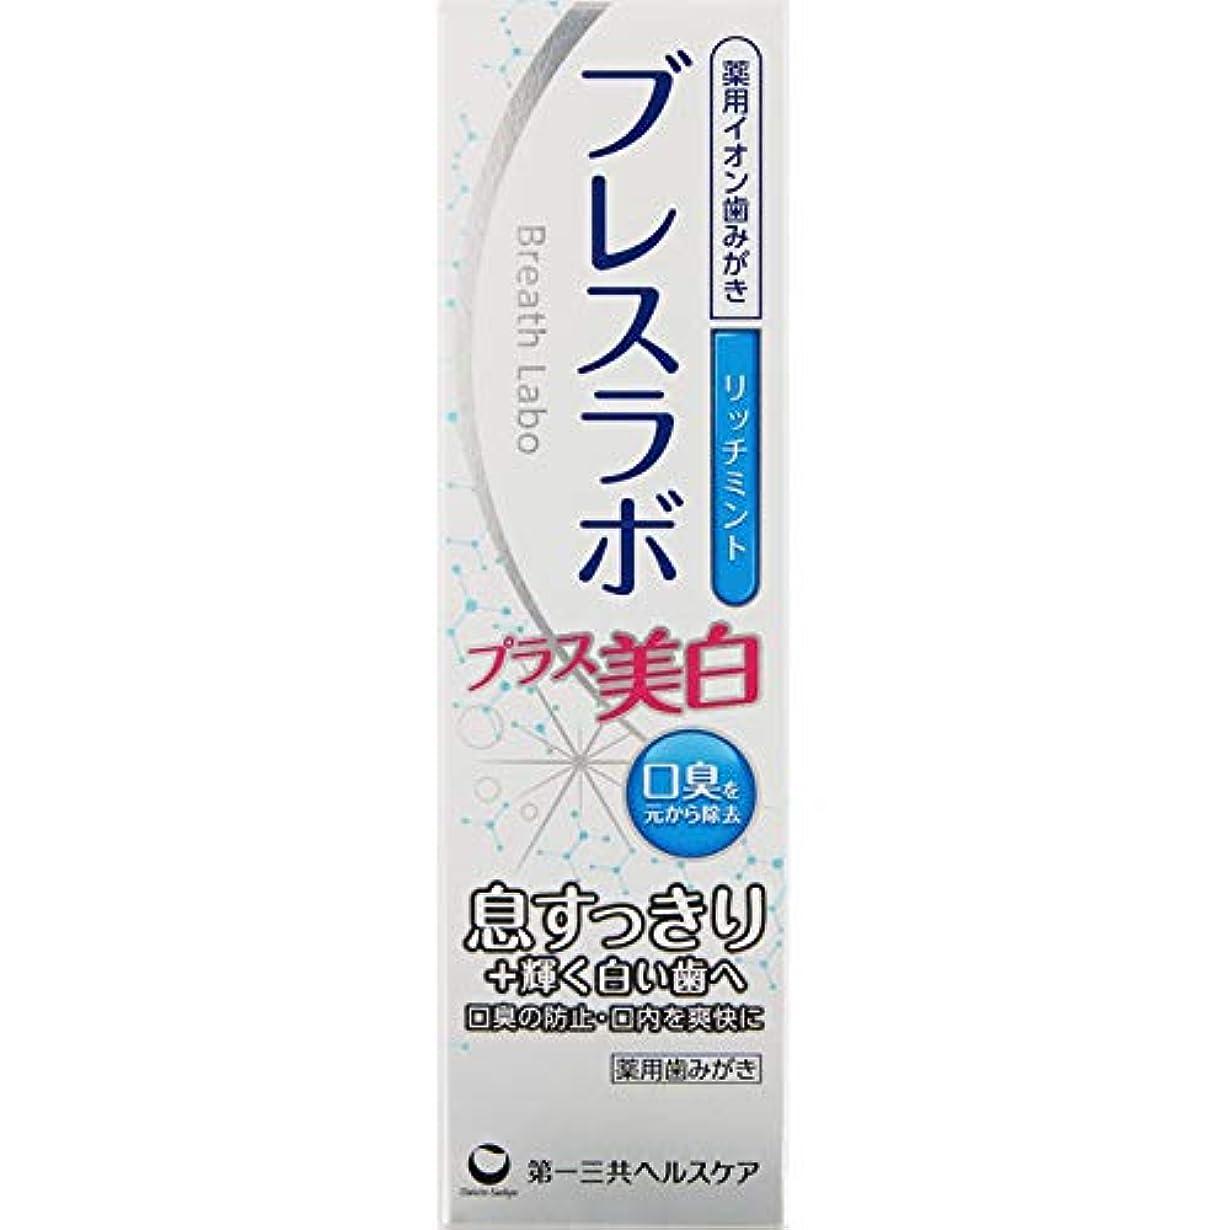 タール処方公式【2個セット】ブレスラボ プラス美白 リッチミント 90g